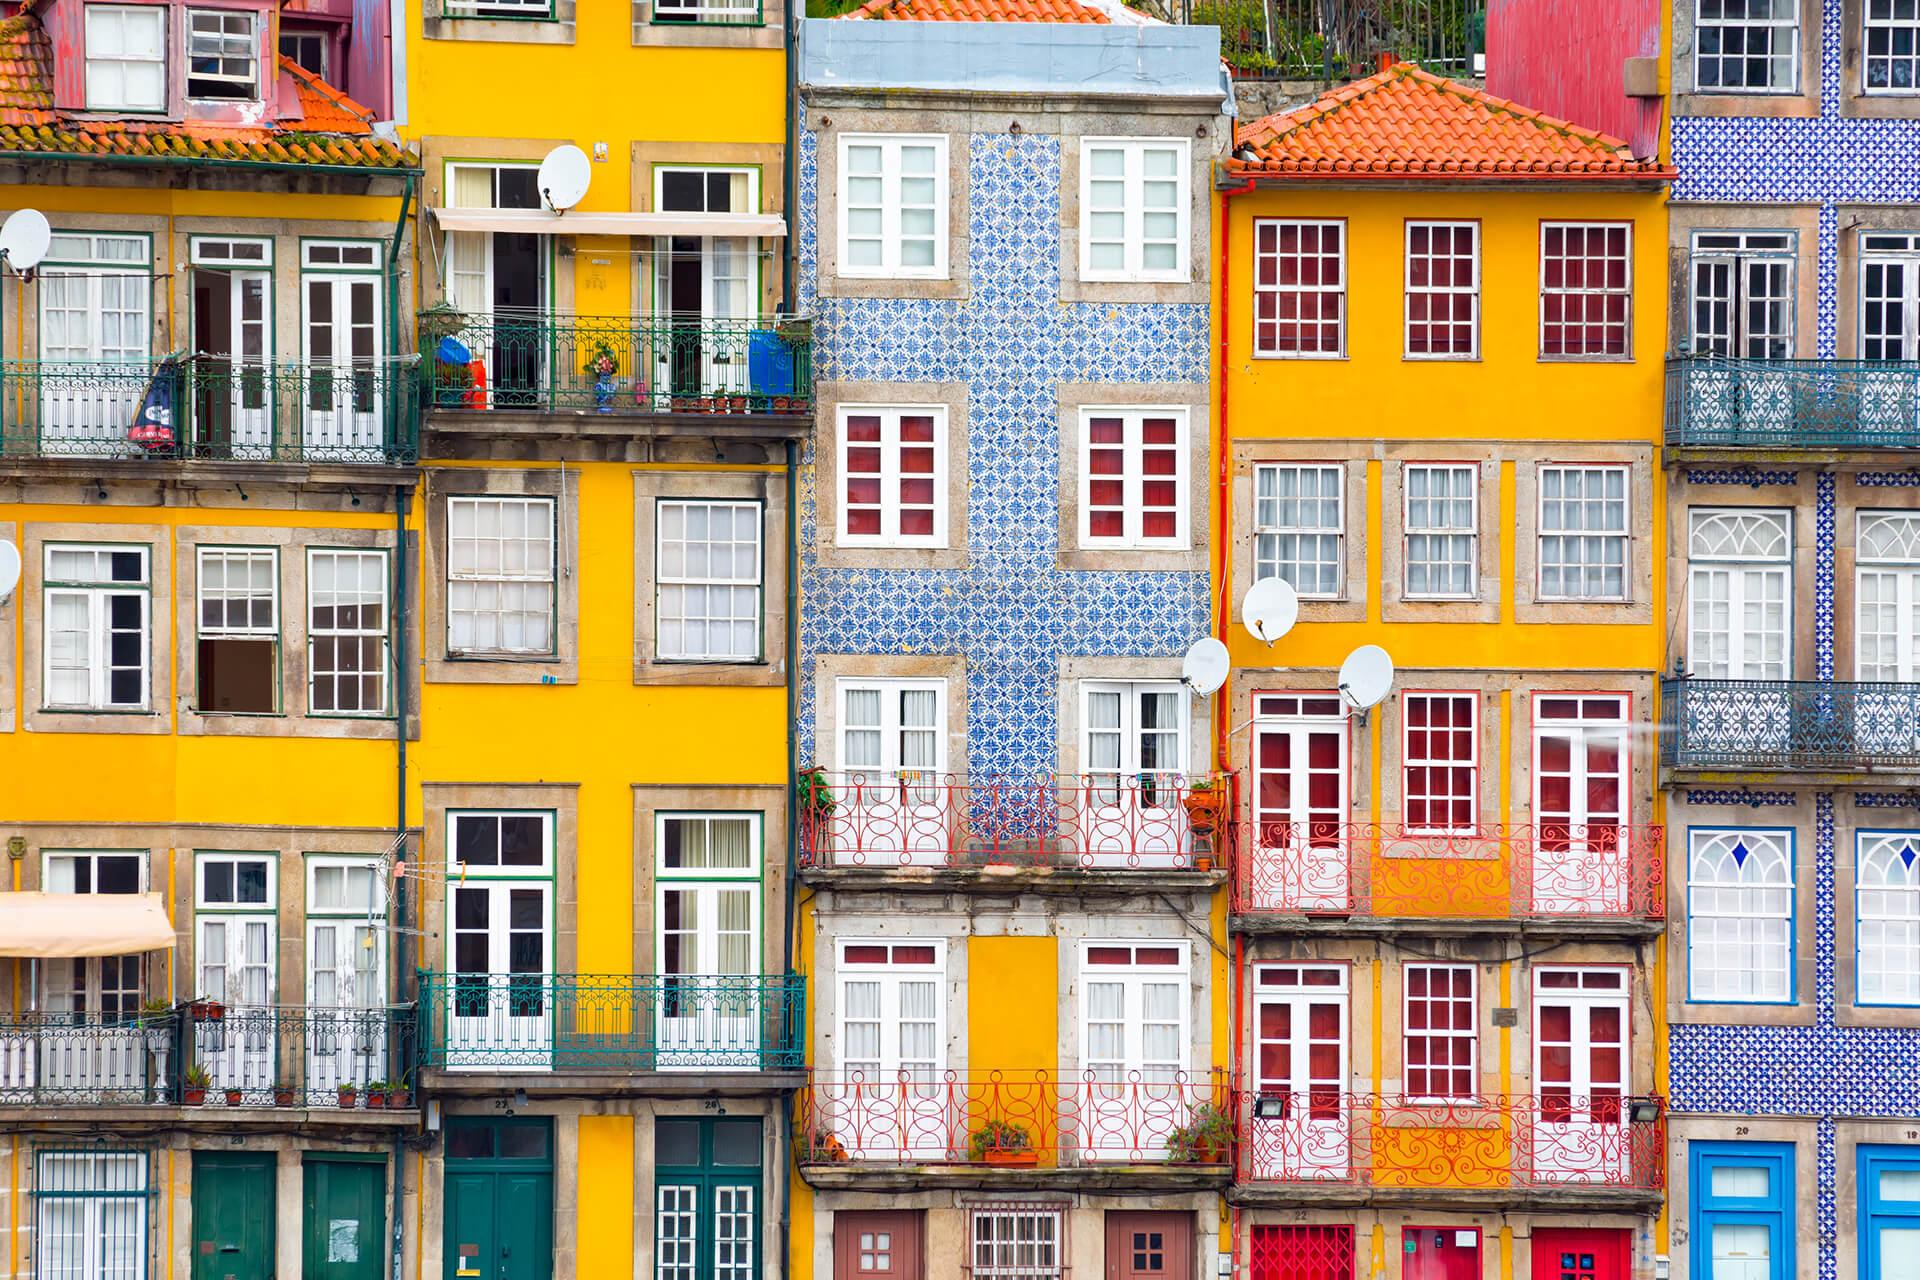 Eine bunte mediterranisch-aussehende Häuserreihe ist zu sehen.